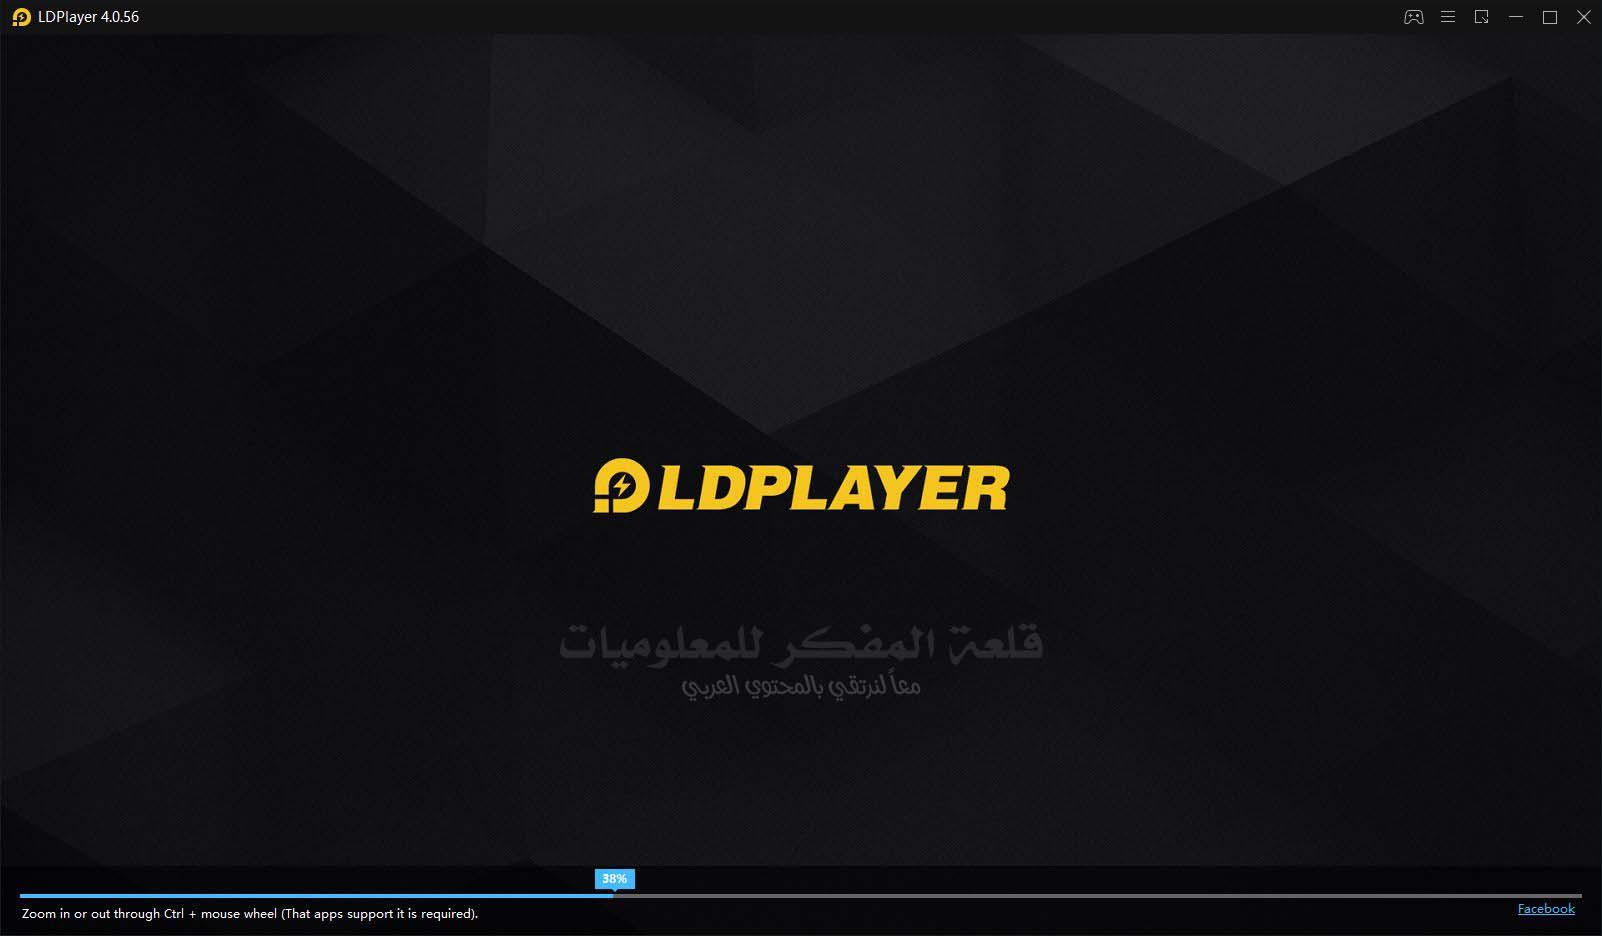 كيفية تحميل وتثبيت LDPlayer أفضل وأسرع محاكي اندرويد للكمبيوتر